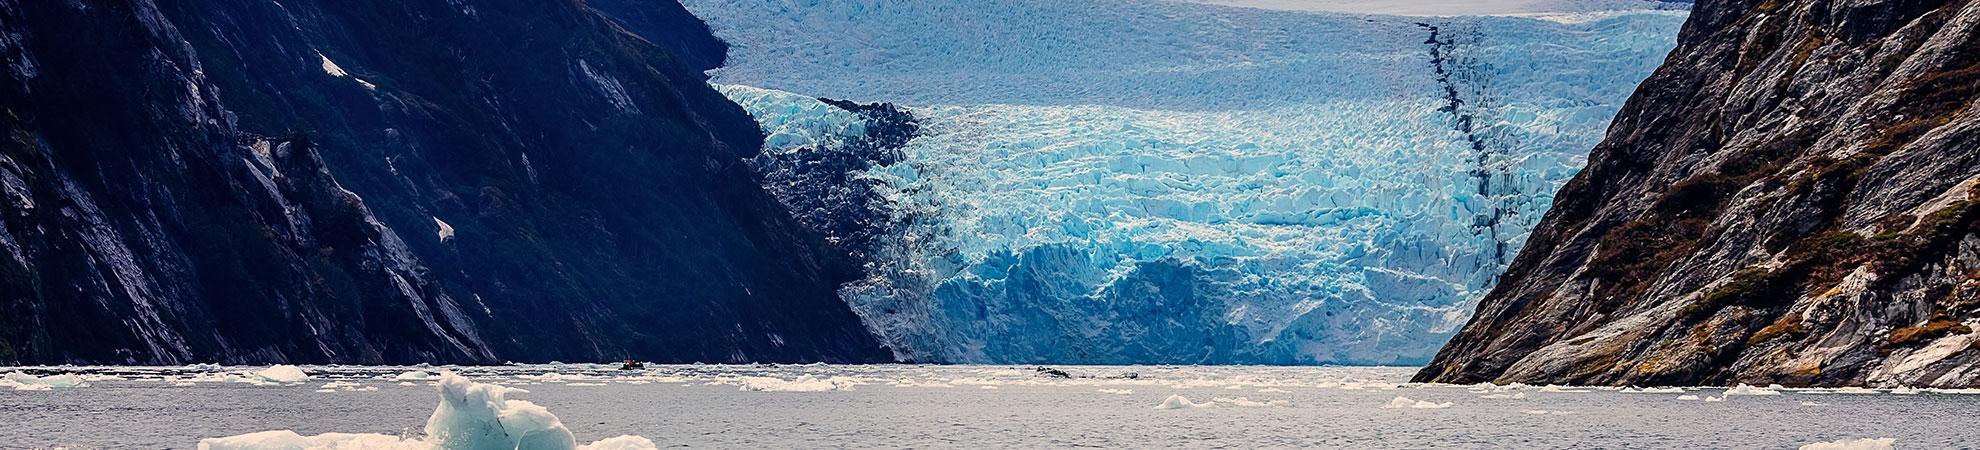 Voyage Glacier Garibaldi